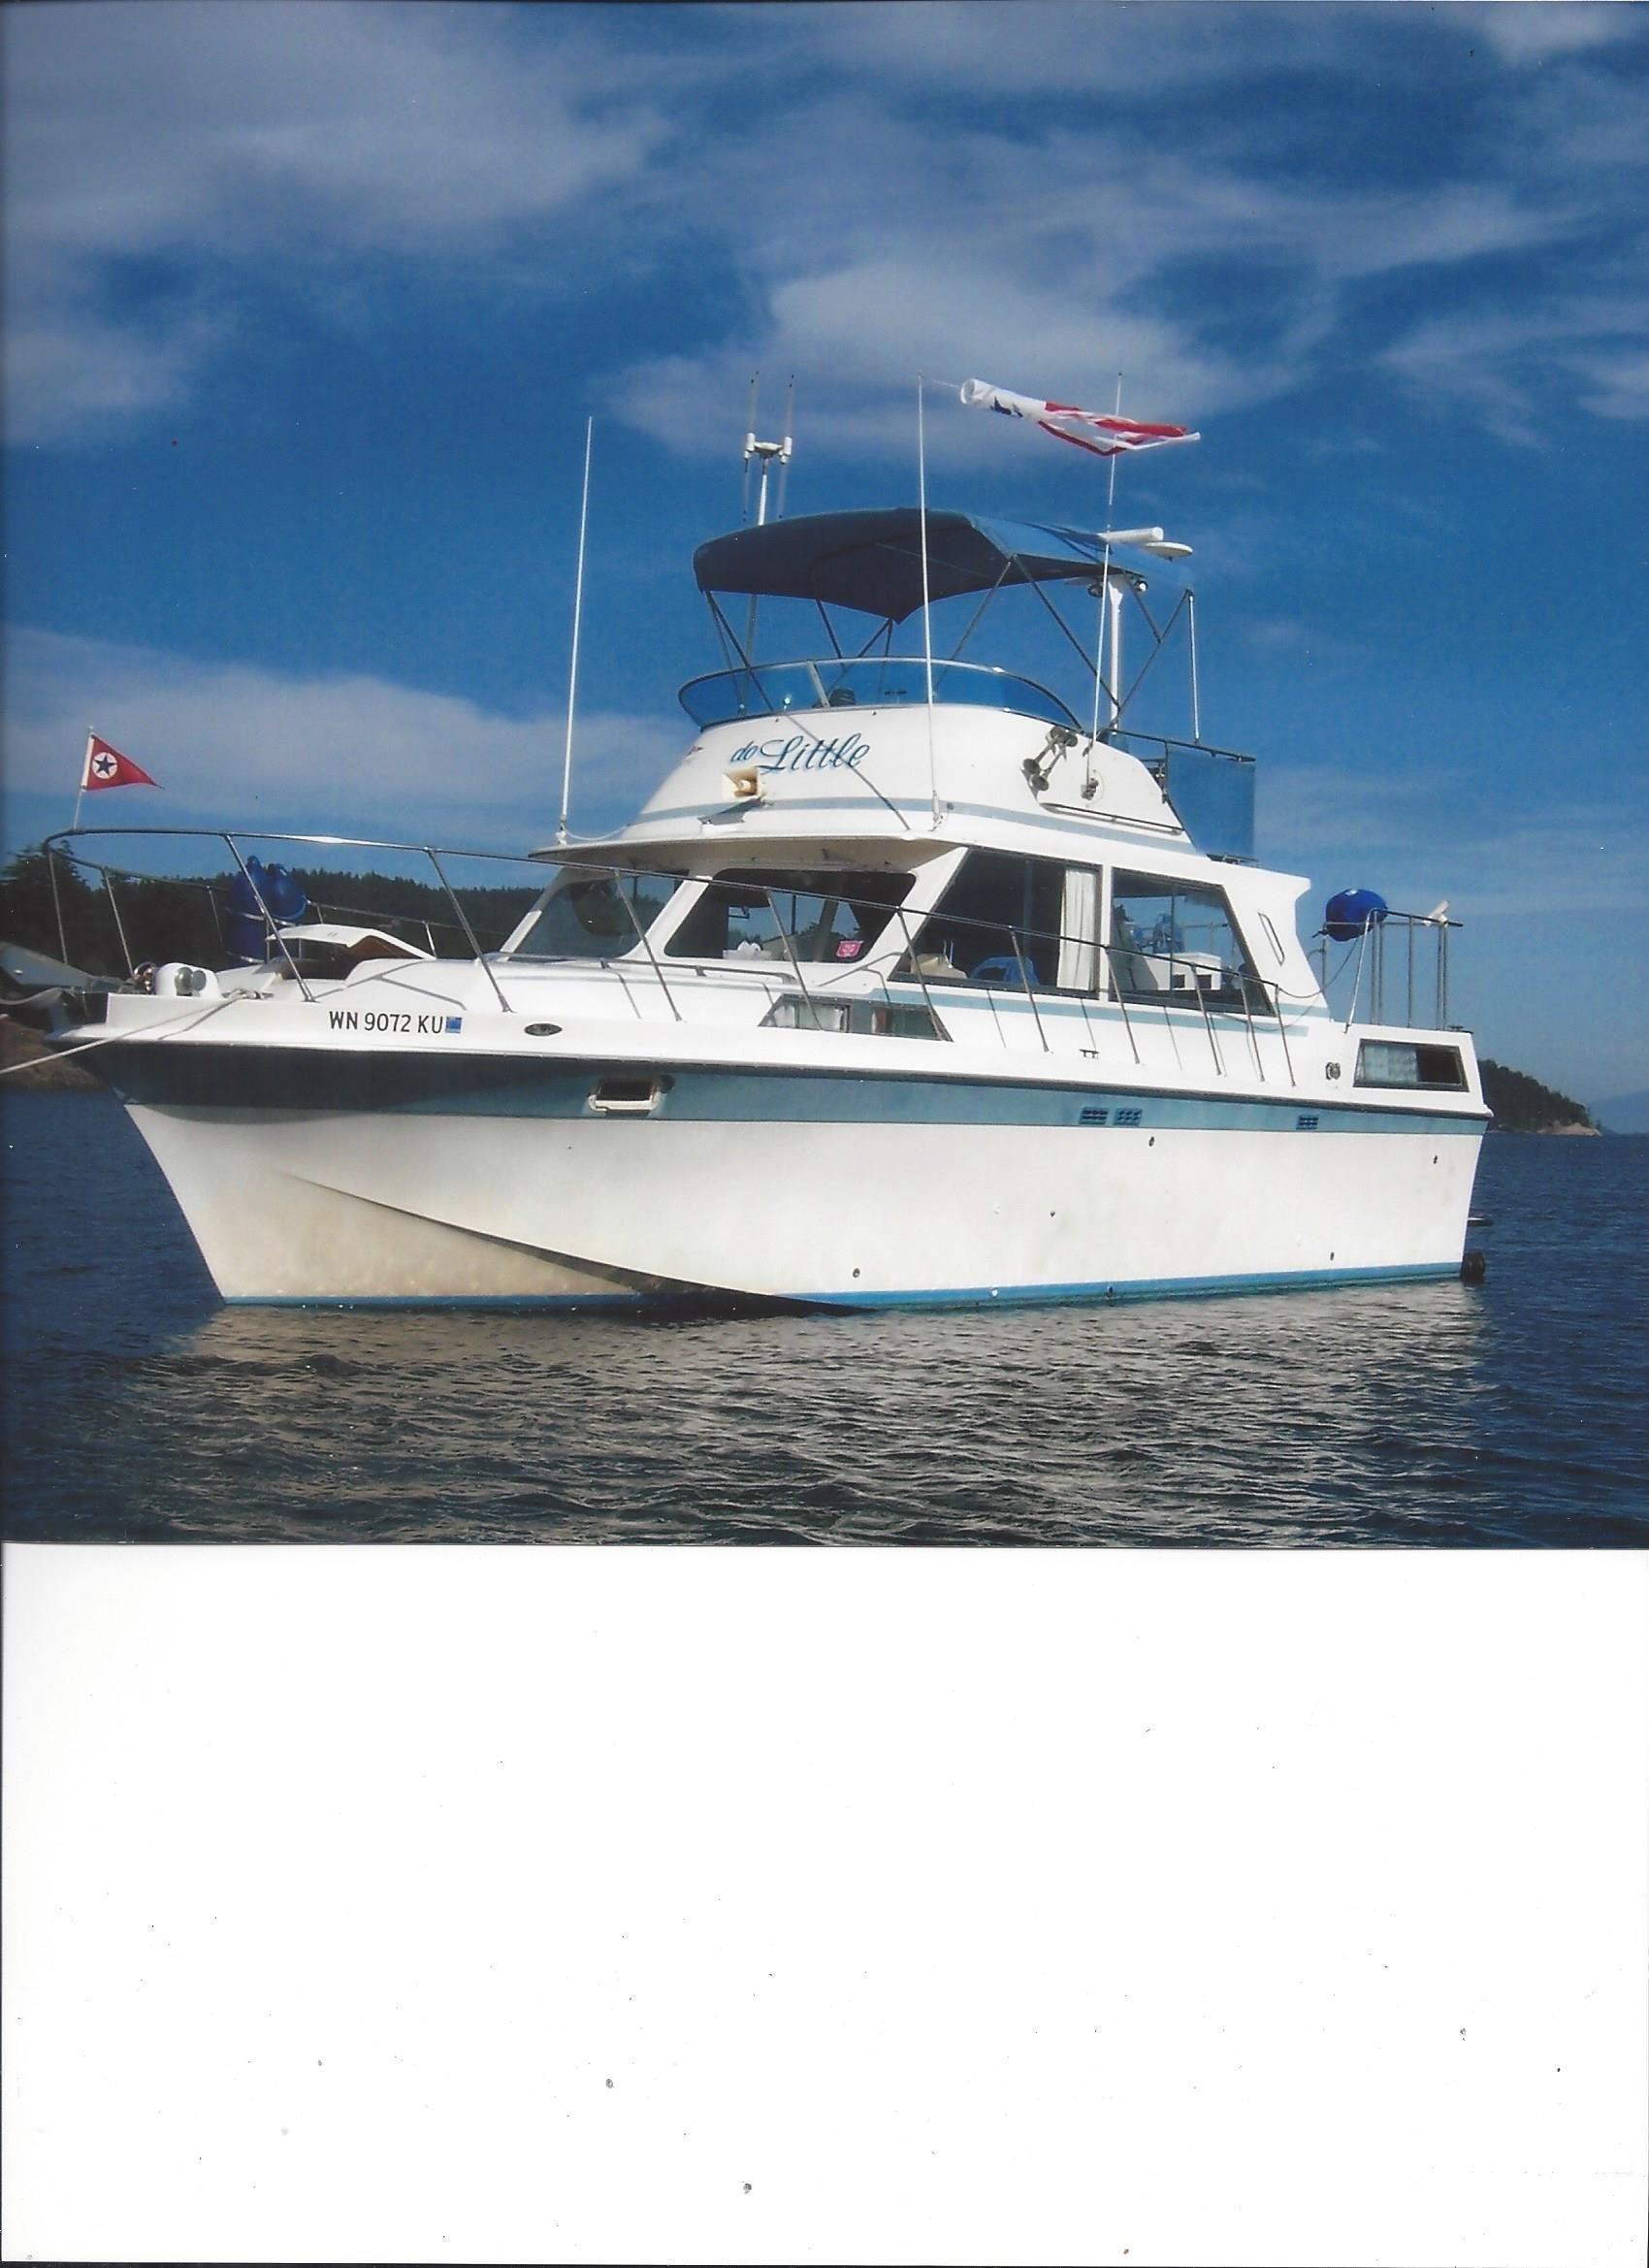 1974 Uniflite Double Cabin Power Boat For Sale Www